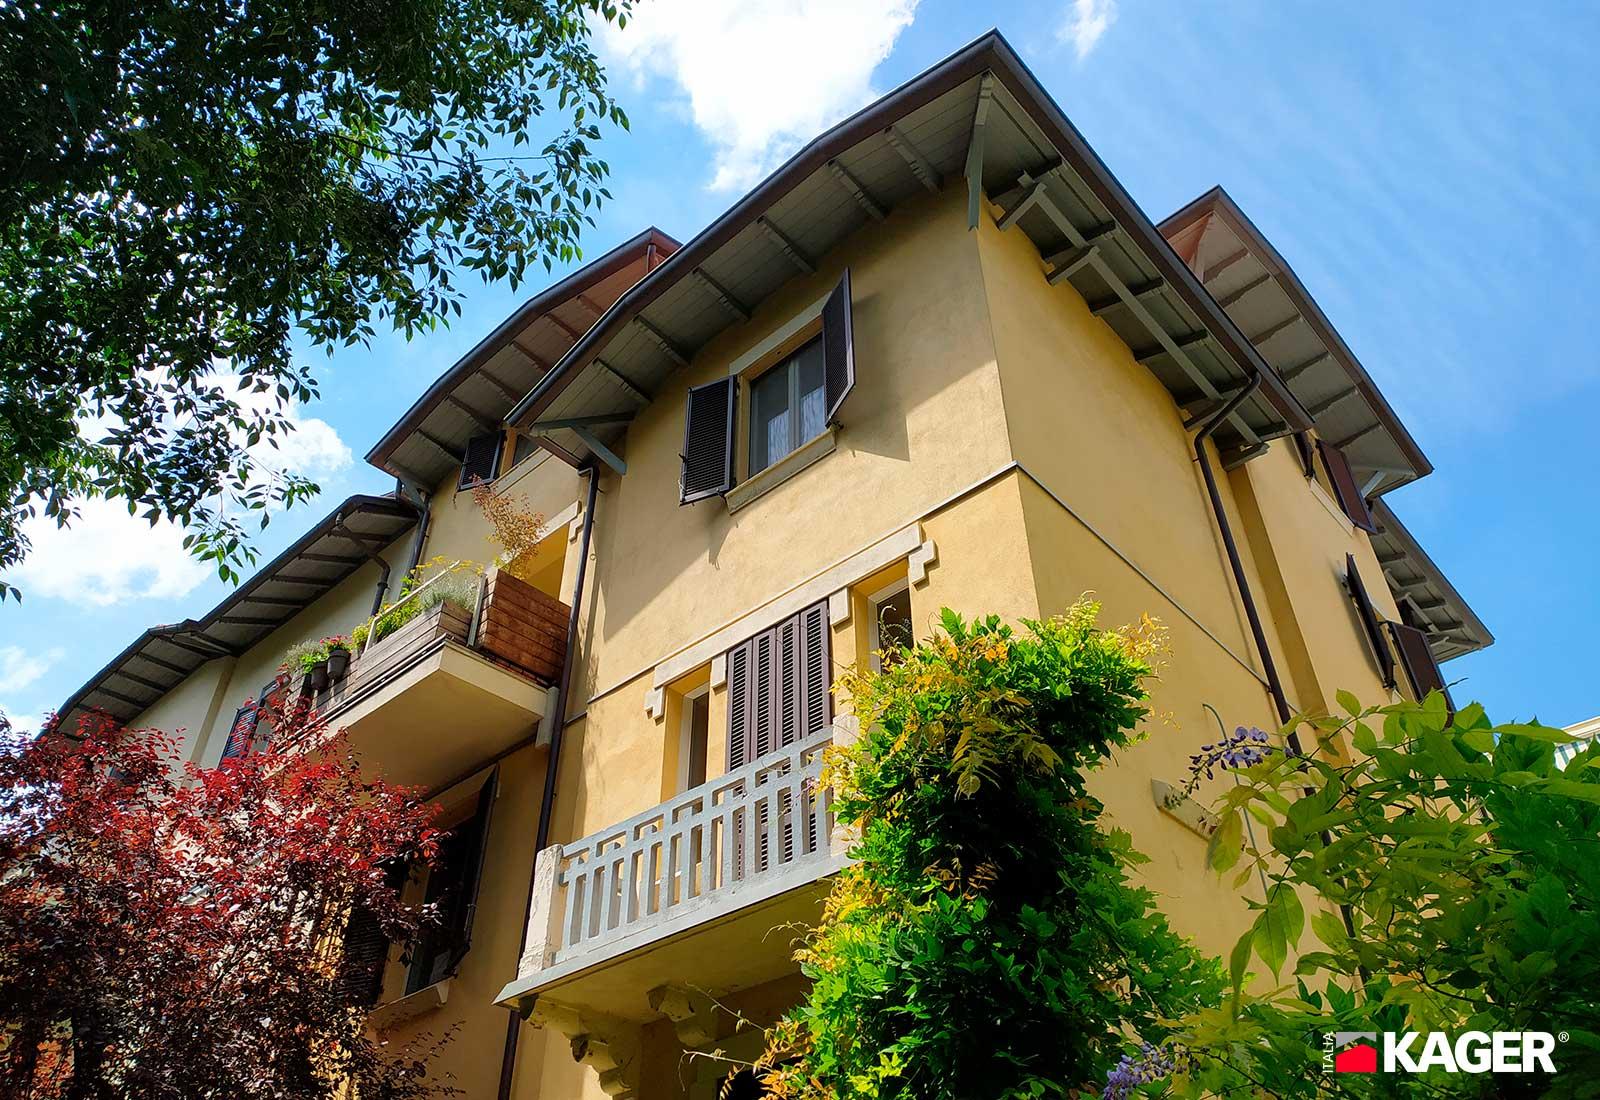 Casa-in-legno-Parma-sopraelevazione-Kager-Italia-01